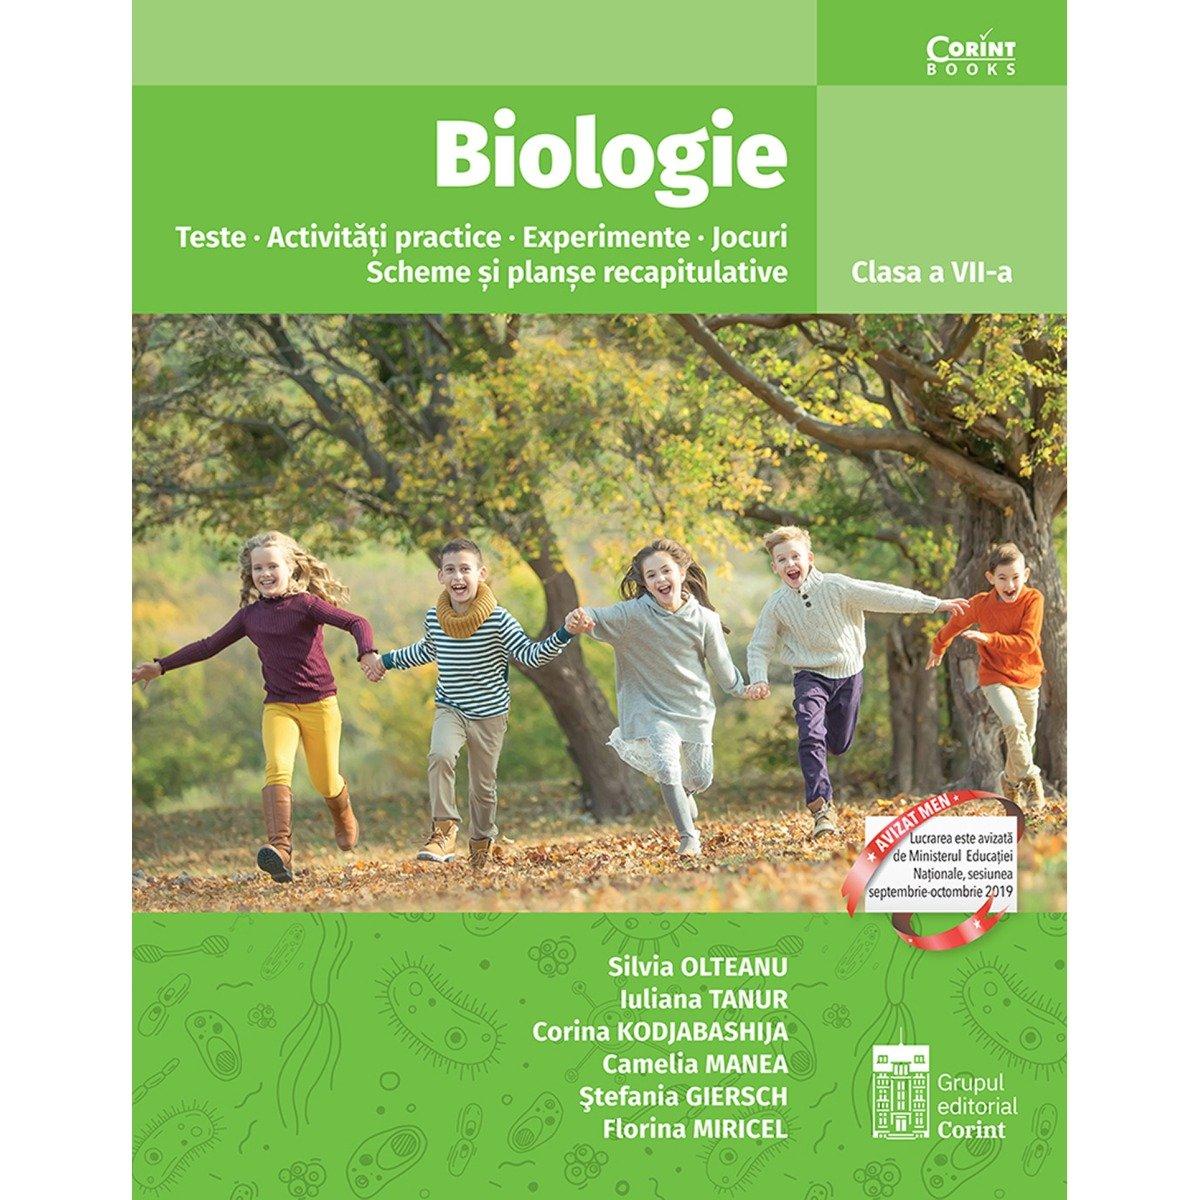 Biologie, Teste, Activitati practice, Experimente, Scheme, Planse, Clasa a VII-a, S. Olteanu